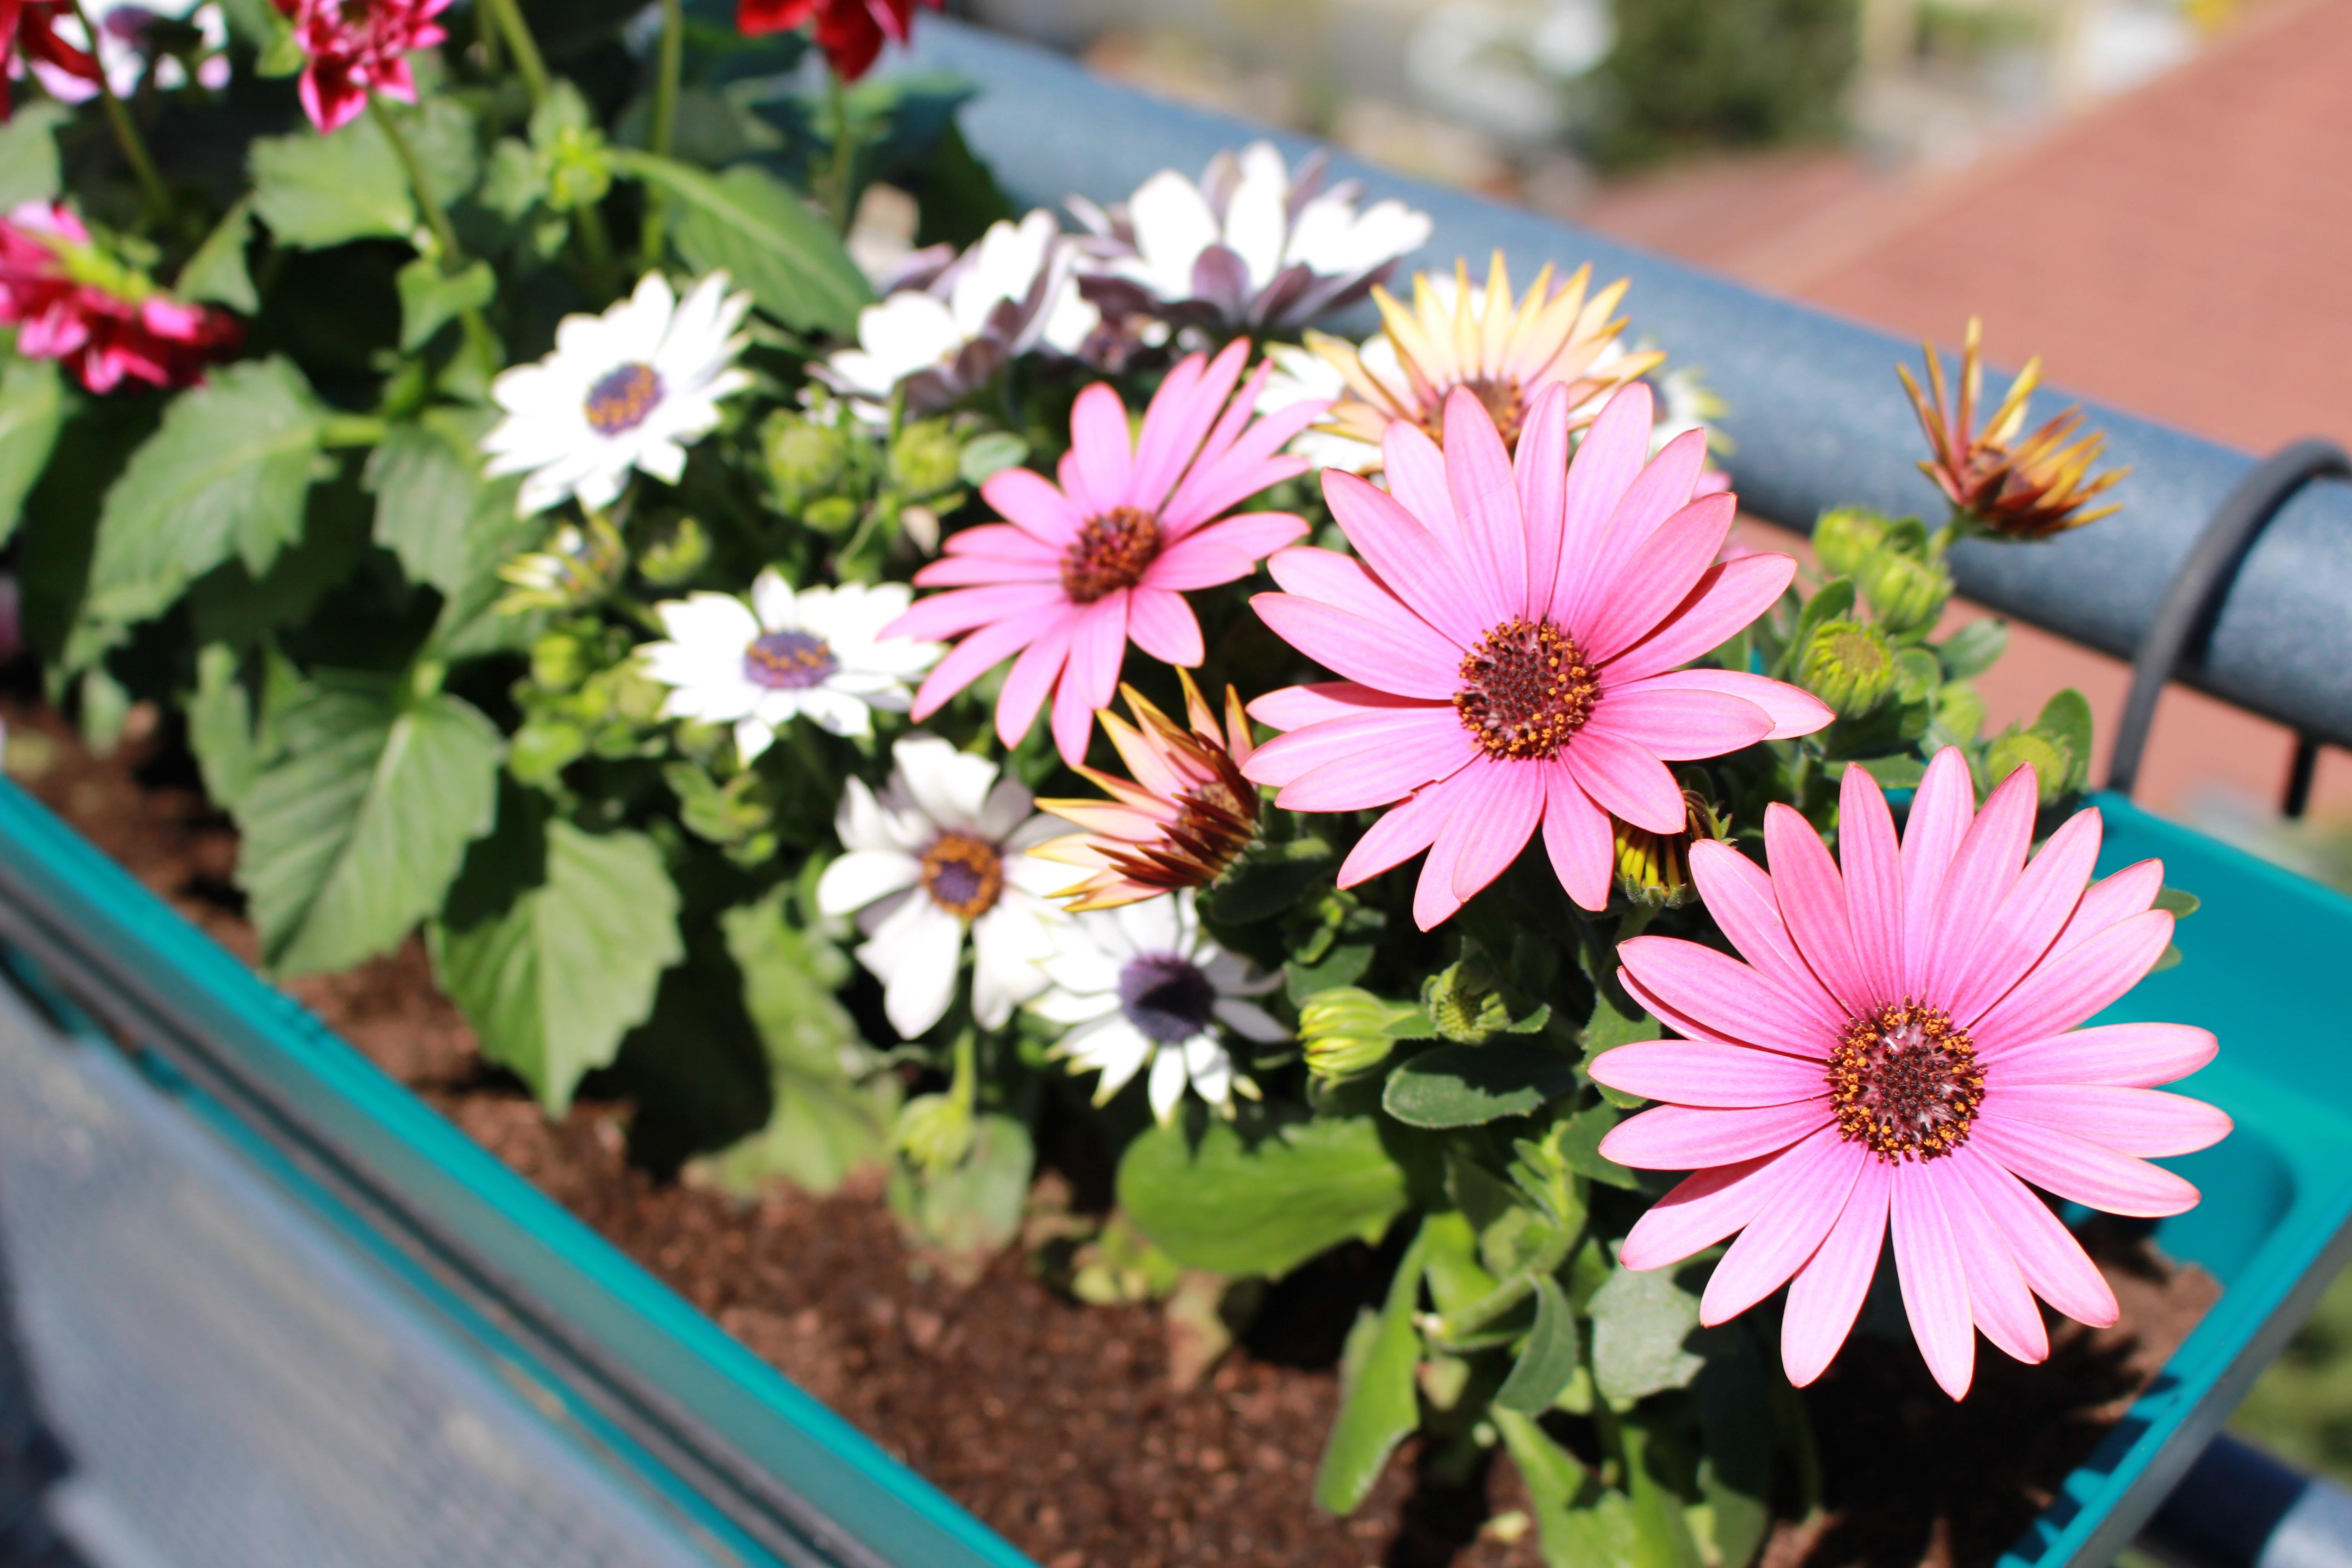 herbstblumen balkon beliebte herbstblumen f r balkon 8 balkonbepflanzung ideen herbstblumen f. Black Bedroom Furniture Sets. Home Design Ideas